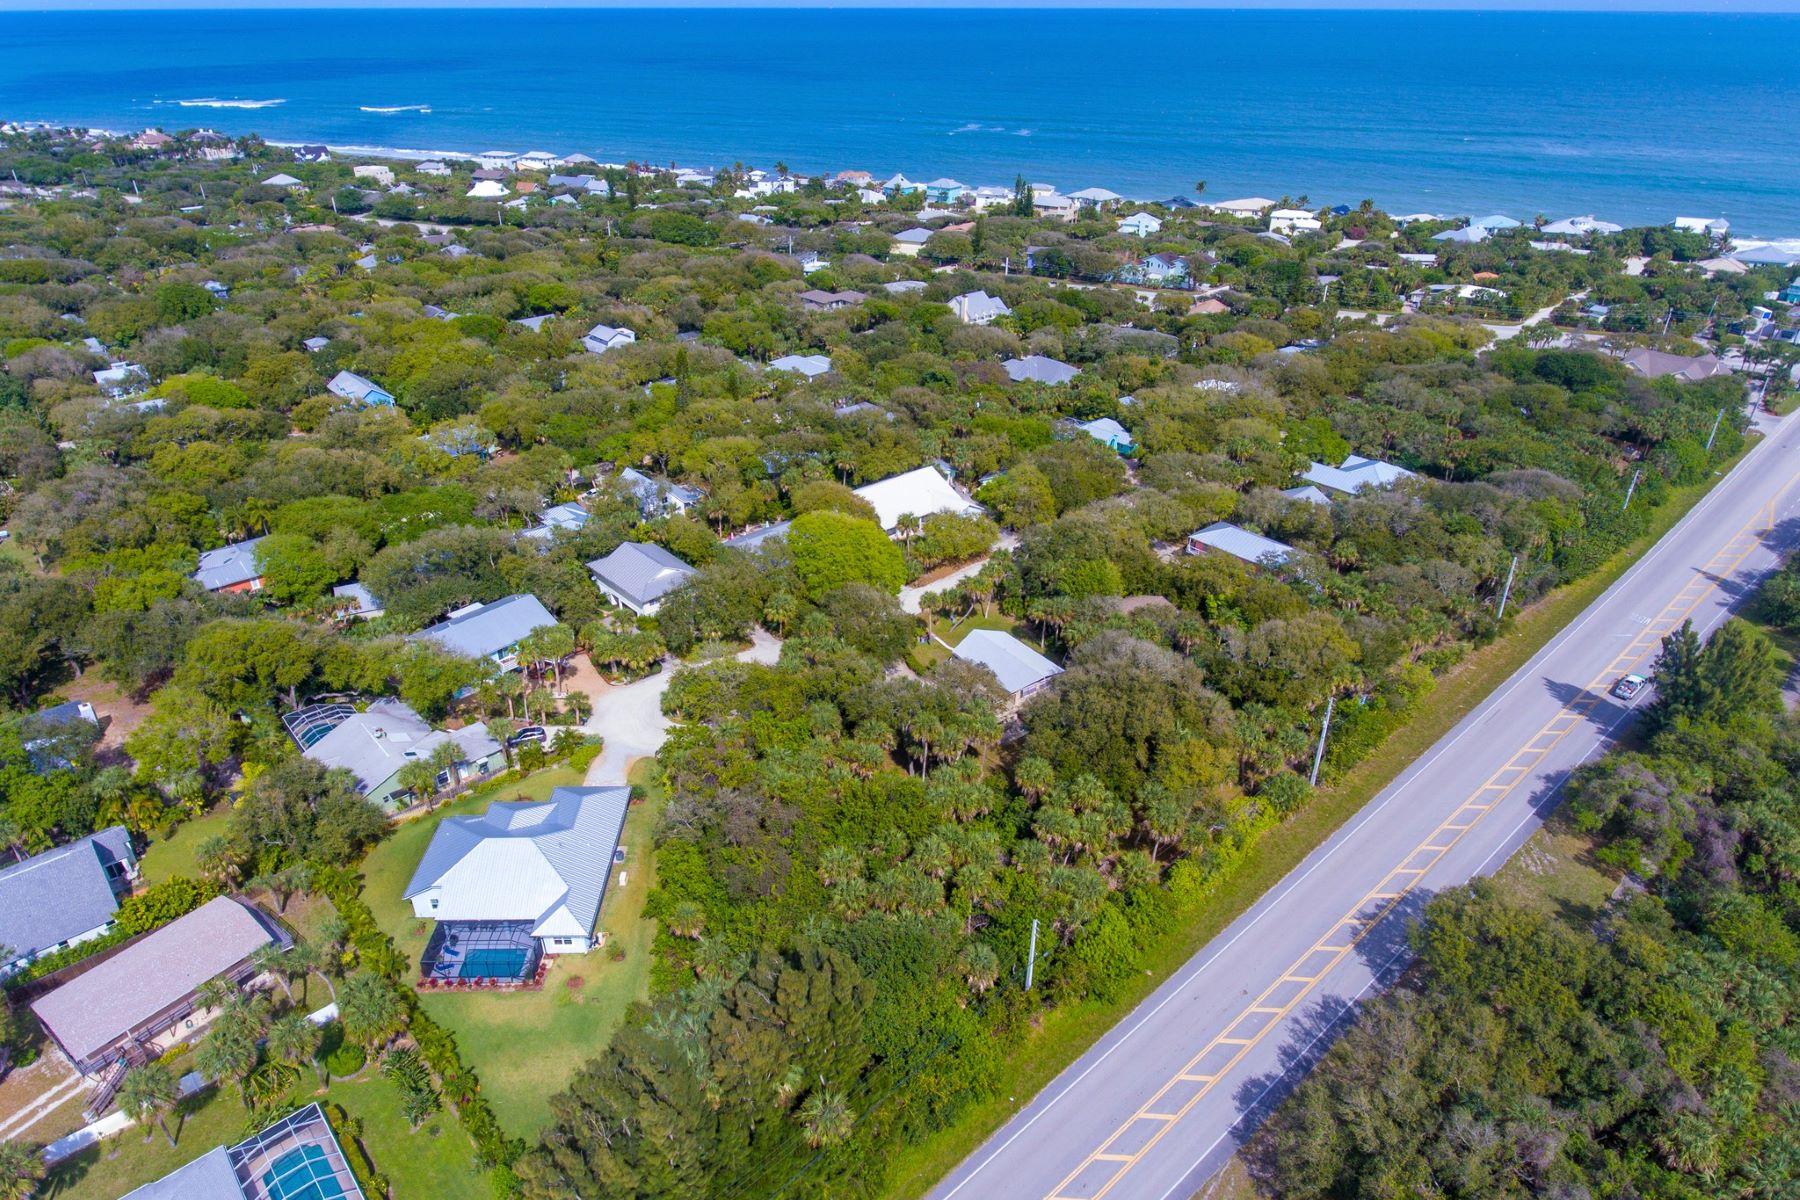 Οικόπεδο για την Πώληση στο 1991 W Shell Lane Vero Beach, Φλοριντα 32963 Ηνωμένες Πολιτείες